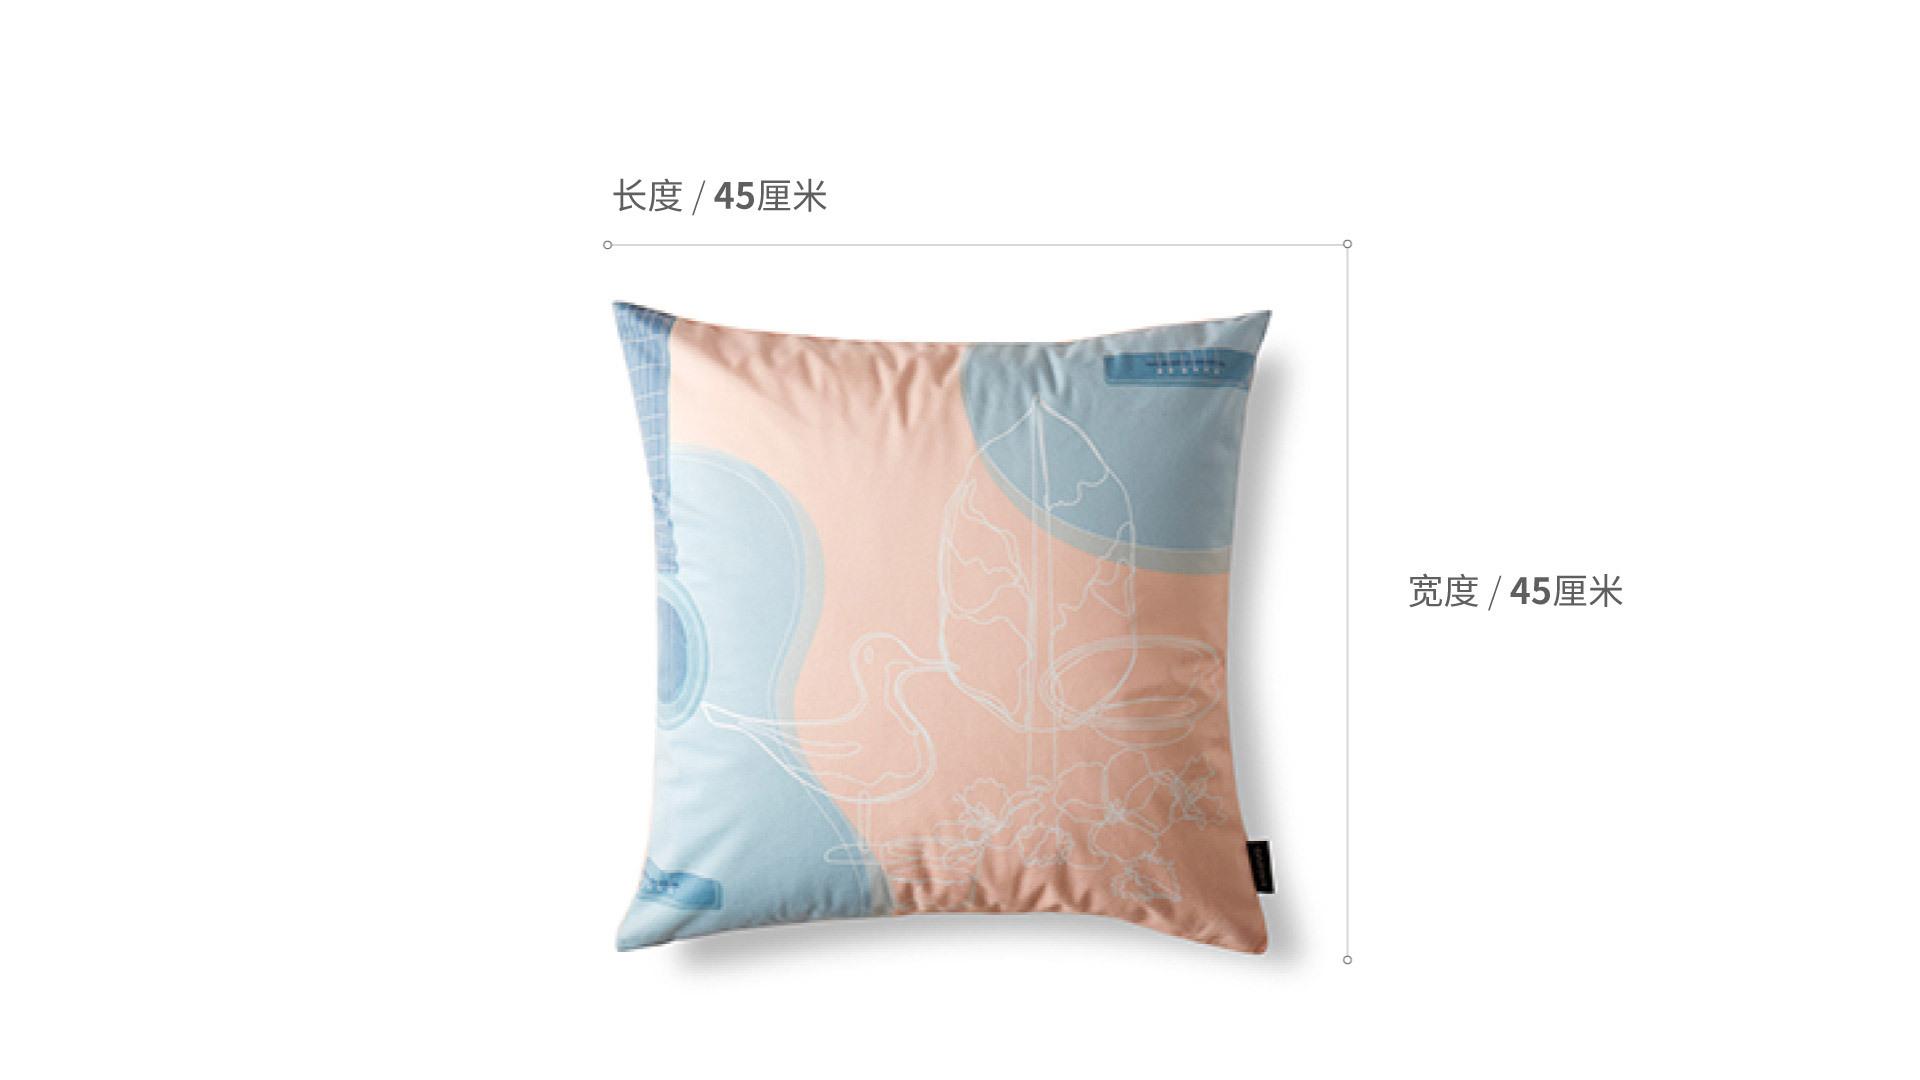 JZ×ZZ 纪念抱枕JZ×ZZ 纪念抱枕家纺效果图